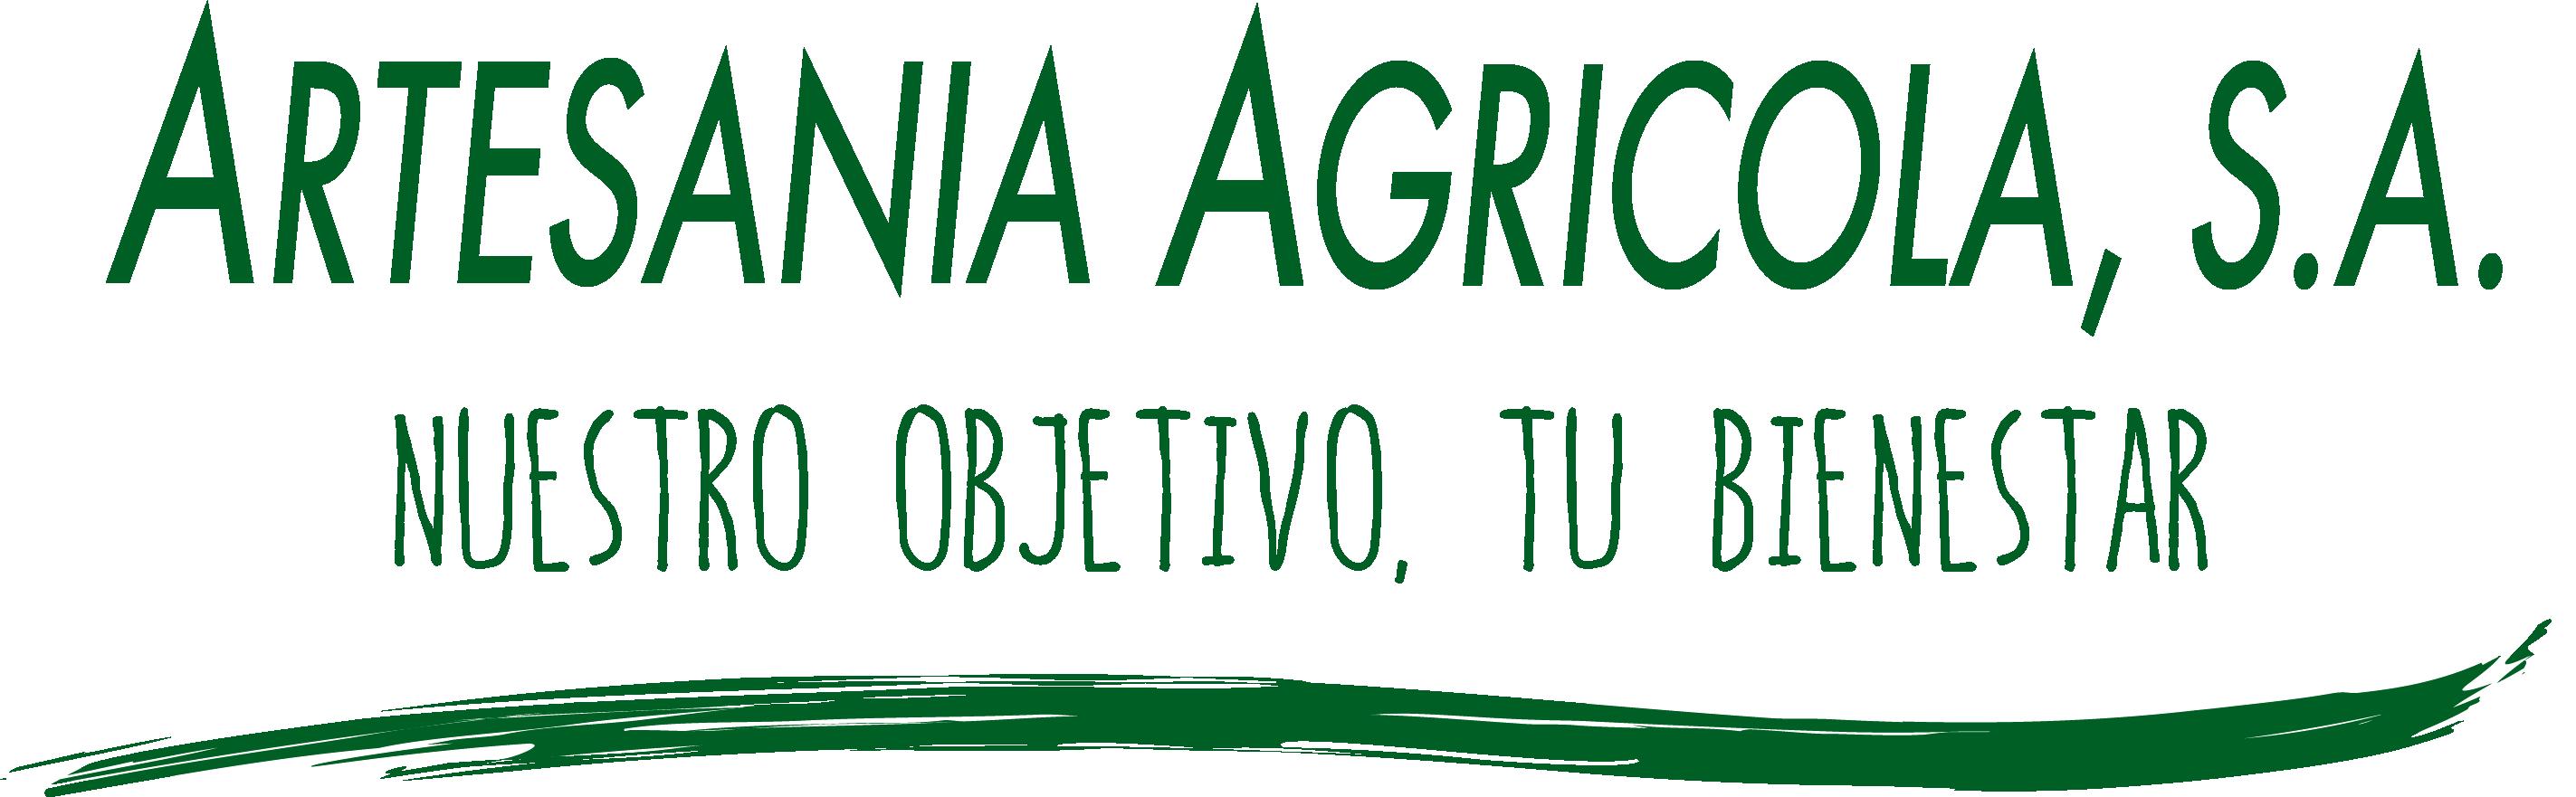 https://campaign-image.com/zohocampaigns/46489000013748048_logo_artesania_con_claim_(1).png